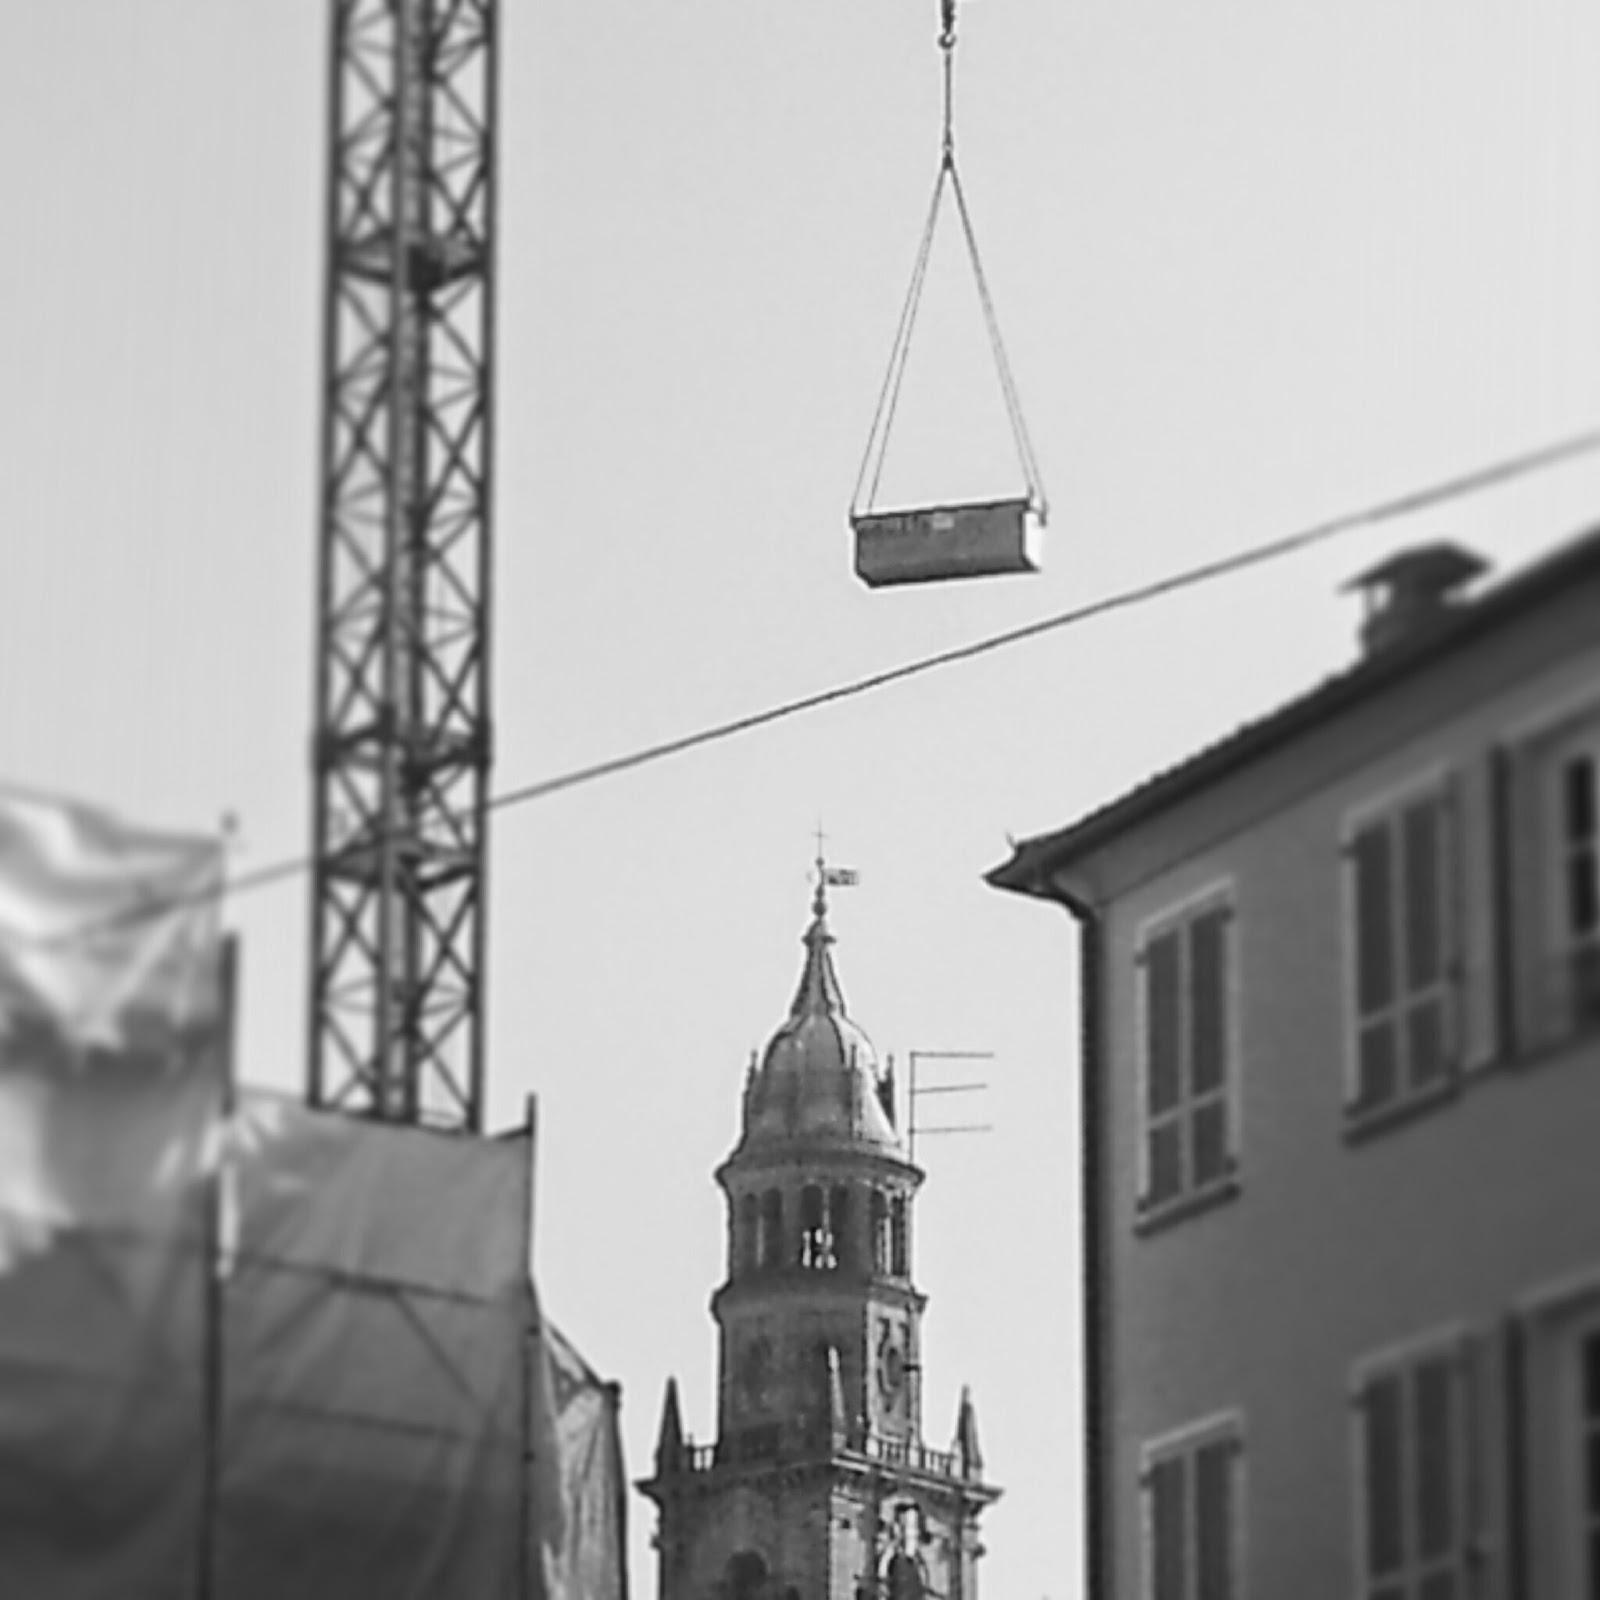 Stabilita 2015. Foto cantieri intorno a campanile - by Alberto Cardino